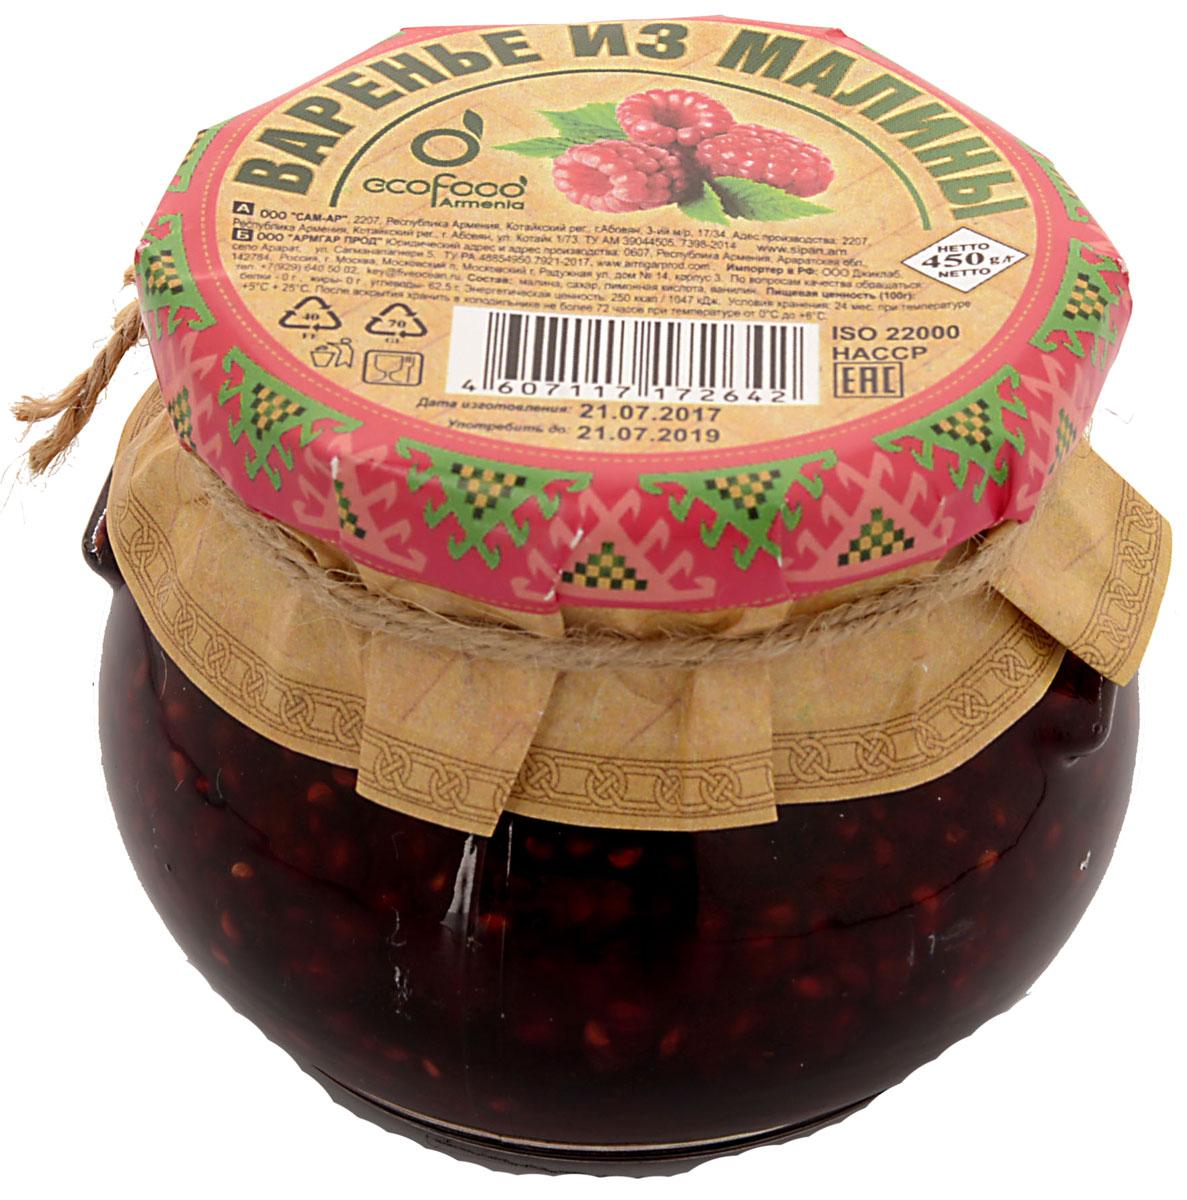 Ecofood Варенье из малины, 450 г00000041592Малина считается низкокалорийным продуктом. Улучшает цвет лица и и его состояние. В Армении в селе Арагац малина растет на высоте двух тысяч метров над уровнем моря. Яркое солнце, чистый воздух и вода горных рек. Благодаря этому алые плоды здесь крупнее